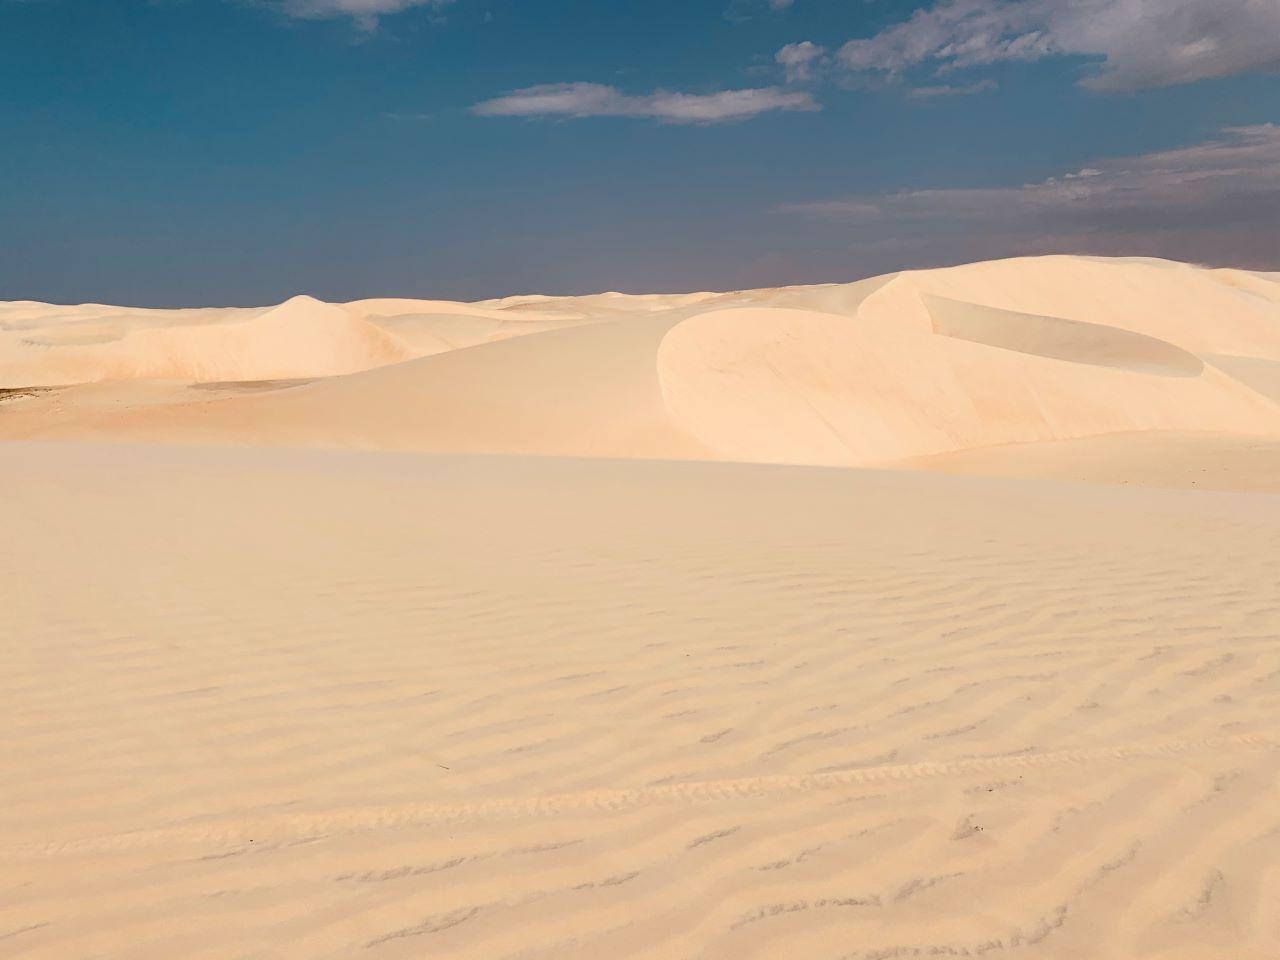 areias fofas em meio ao oasis